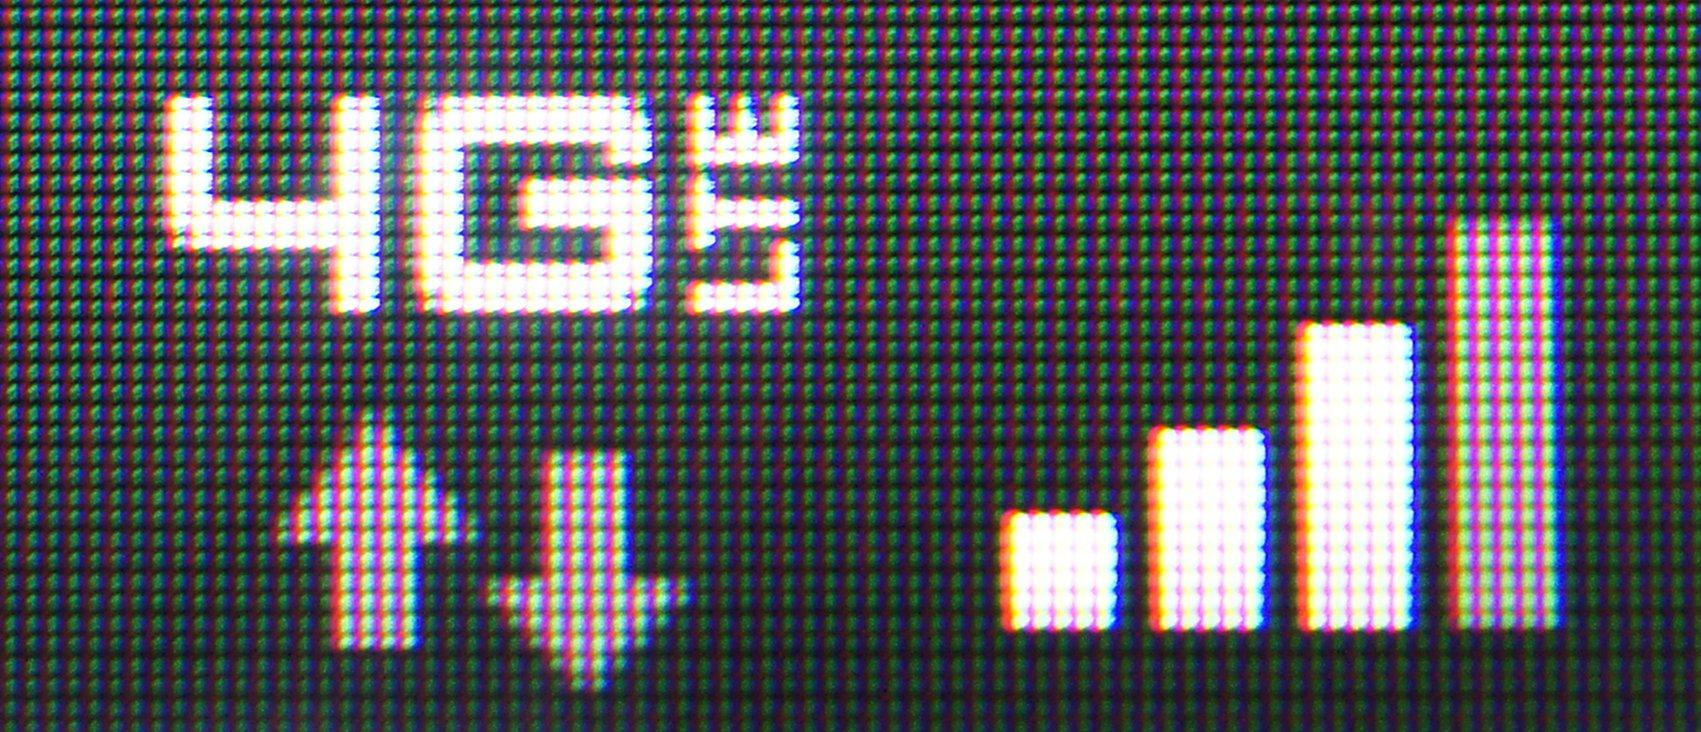 Cara Memakai Kuota 4G di HP 3G Tanpa Beli HP Baru